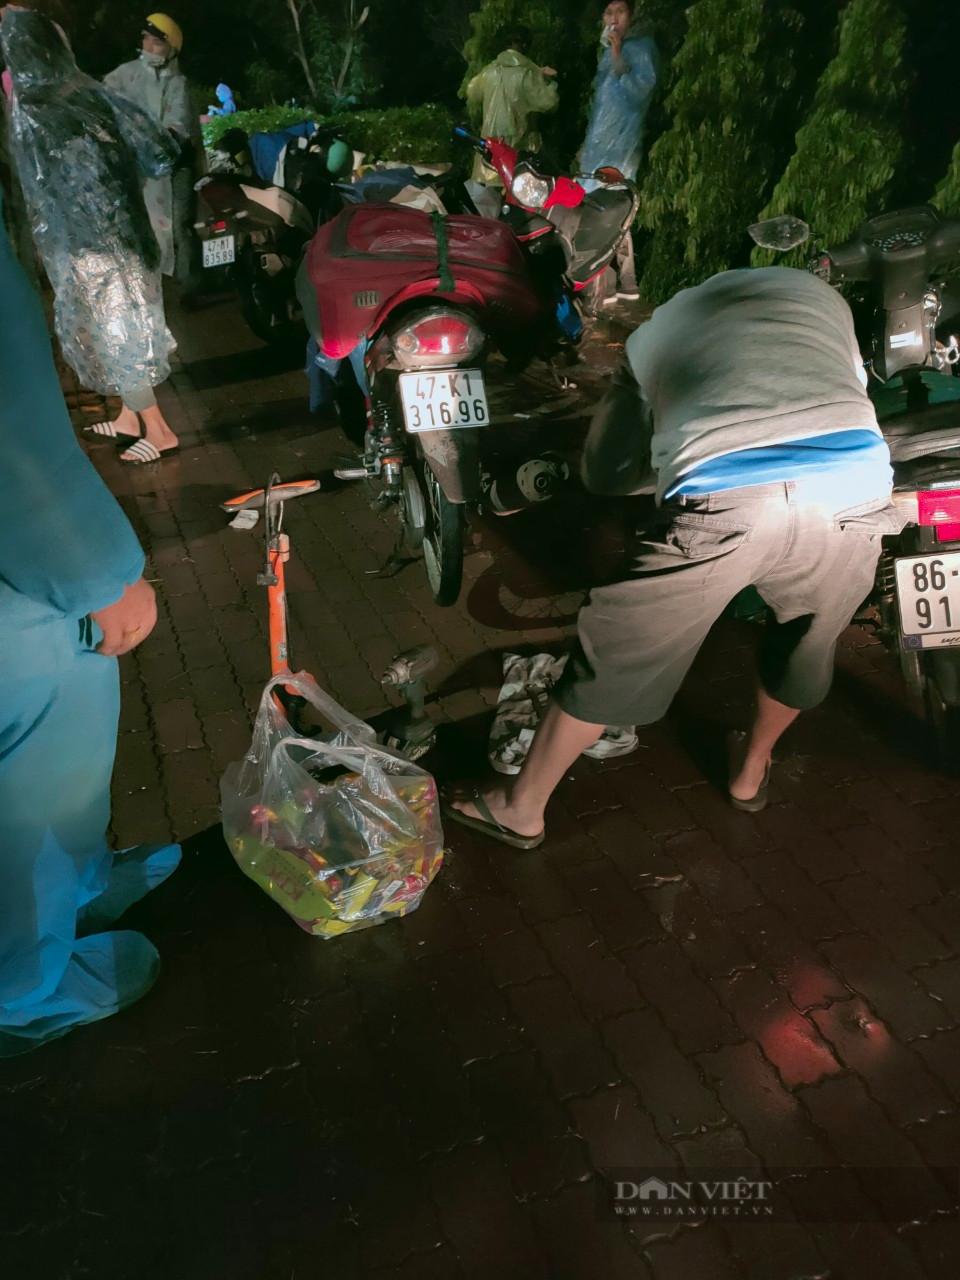 Đắk Nông: Nhóm thiện nguyện dầm mưa trắng đêm tặng suất ăn cho người dân về từ tâm dịch - Ảnh 7.